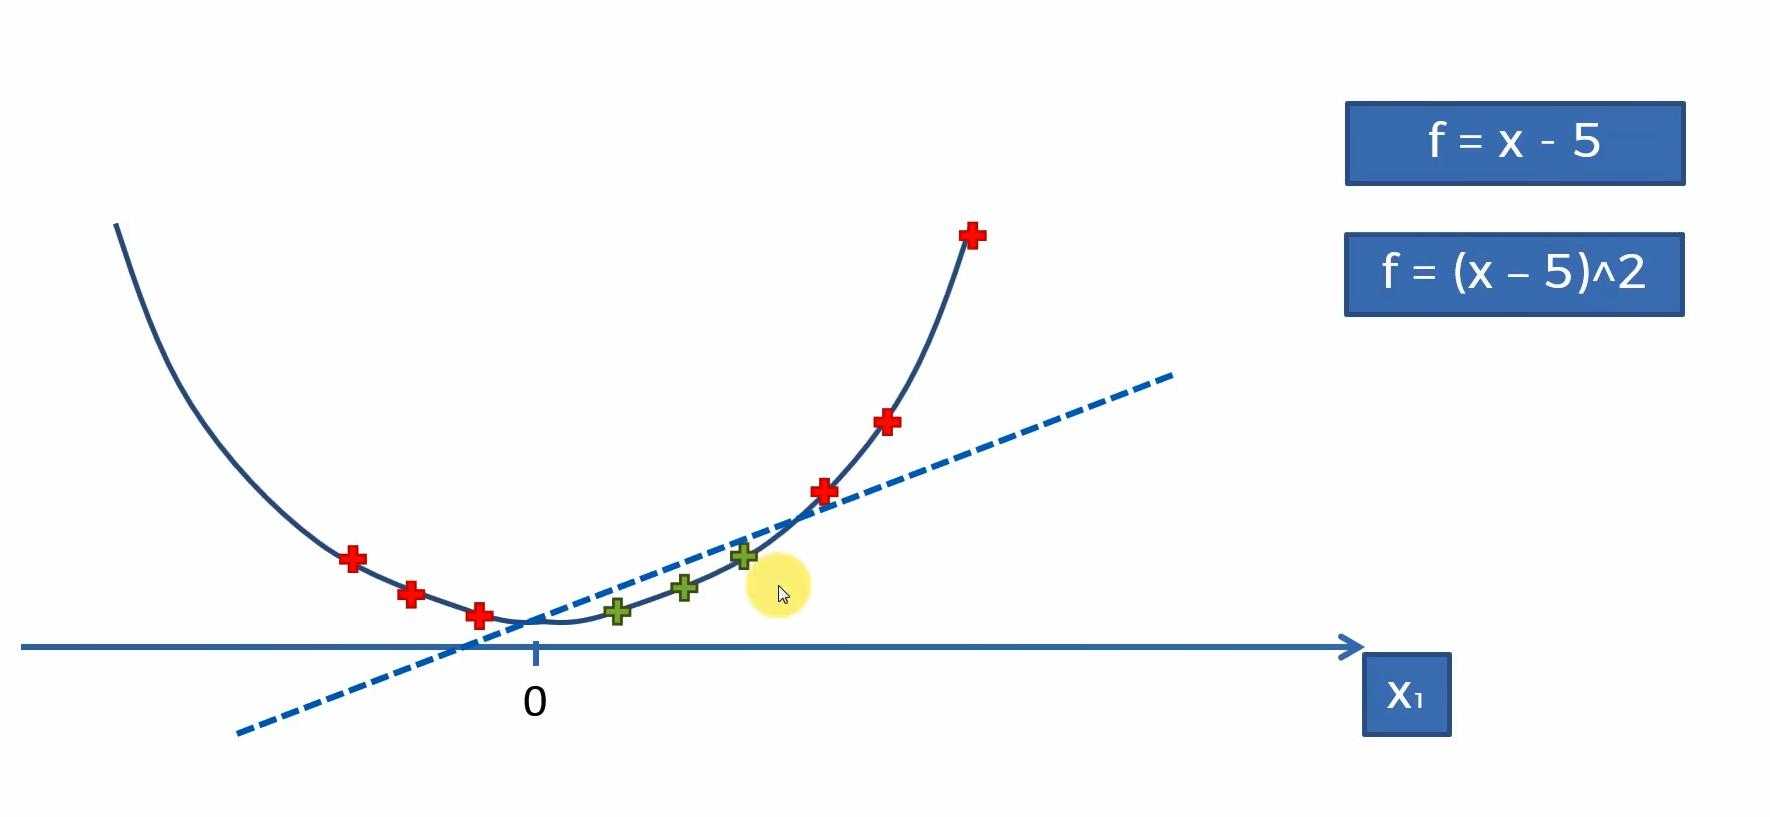 Herleitung des Maschinenlernverfahrens Kernel SMV – Schritt 3